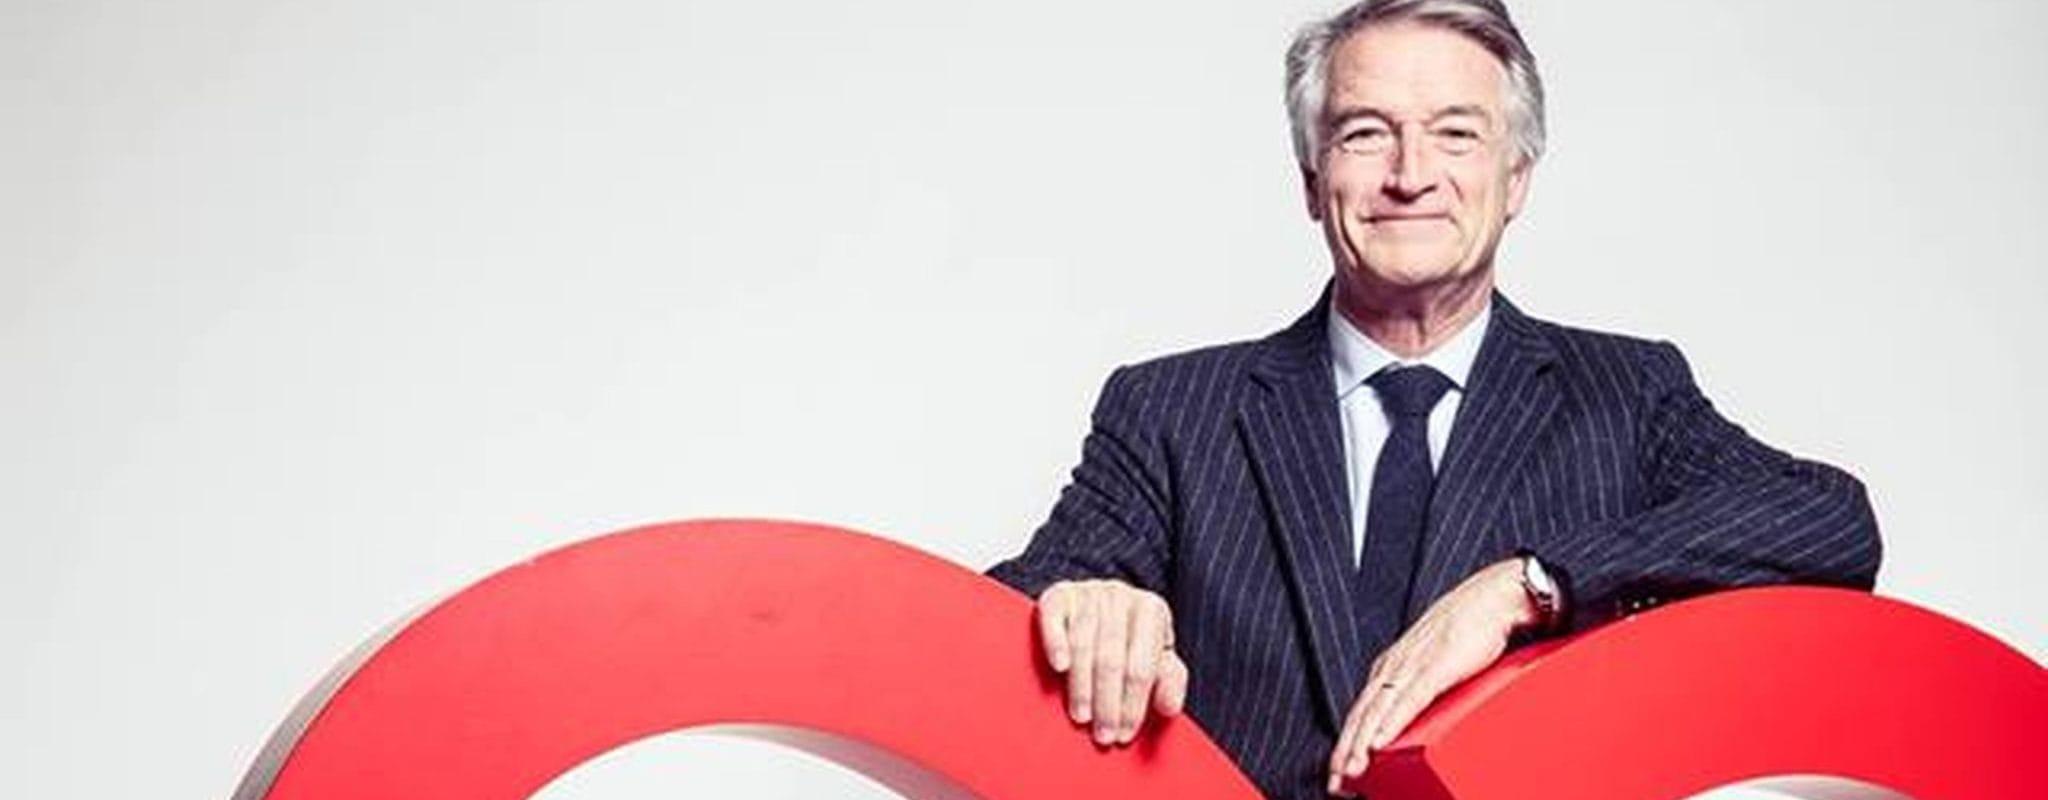 Le sénateur André Reichardt pour une Alsace hors de la Région Grand-Est